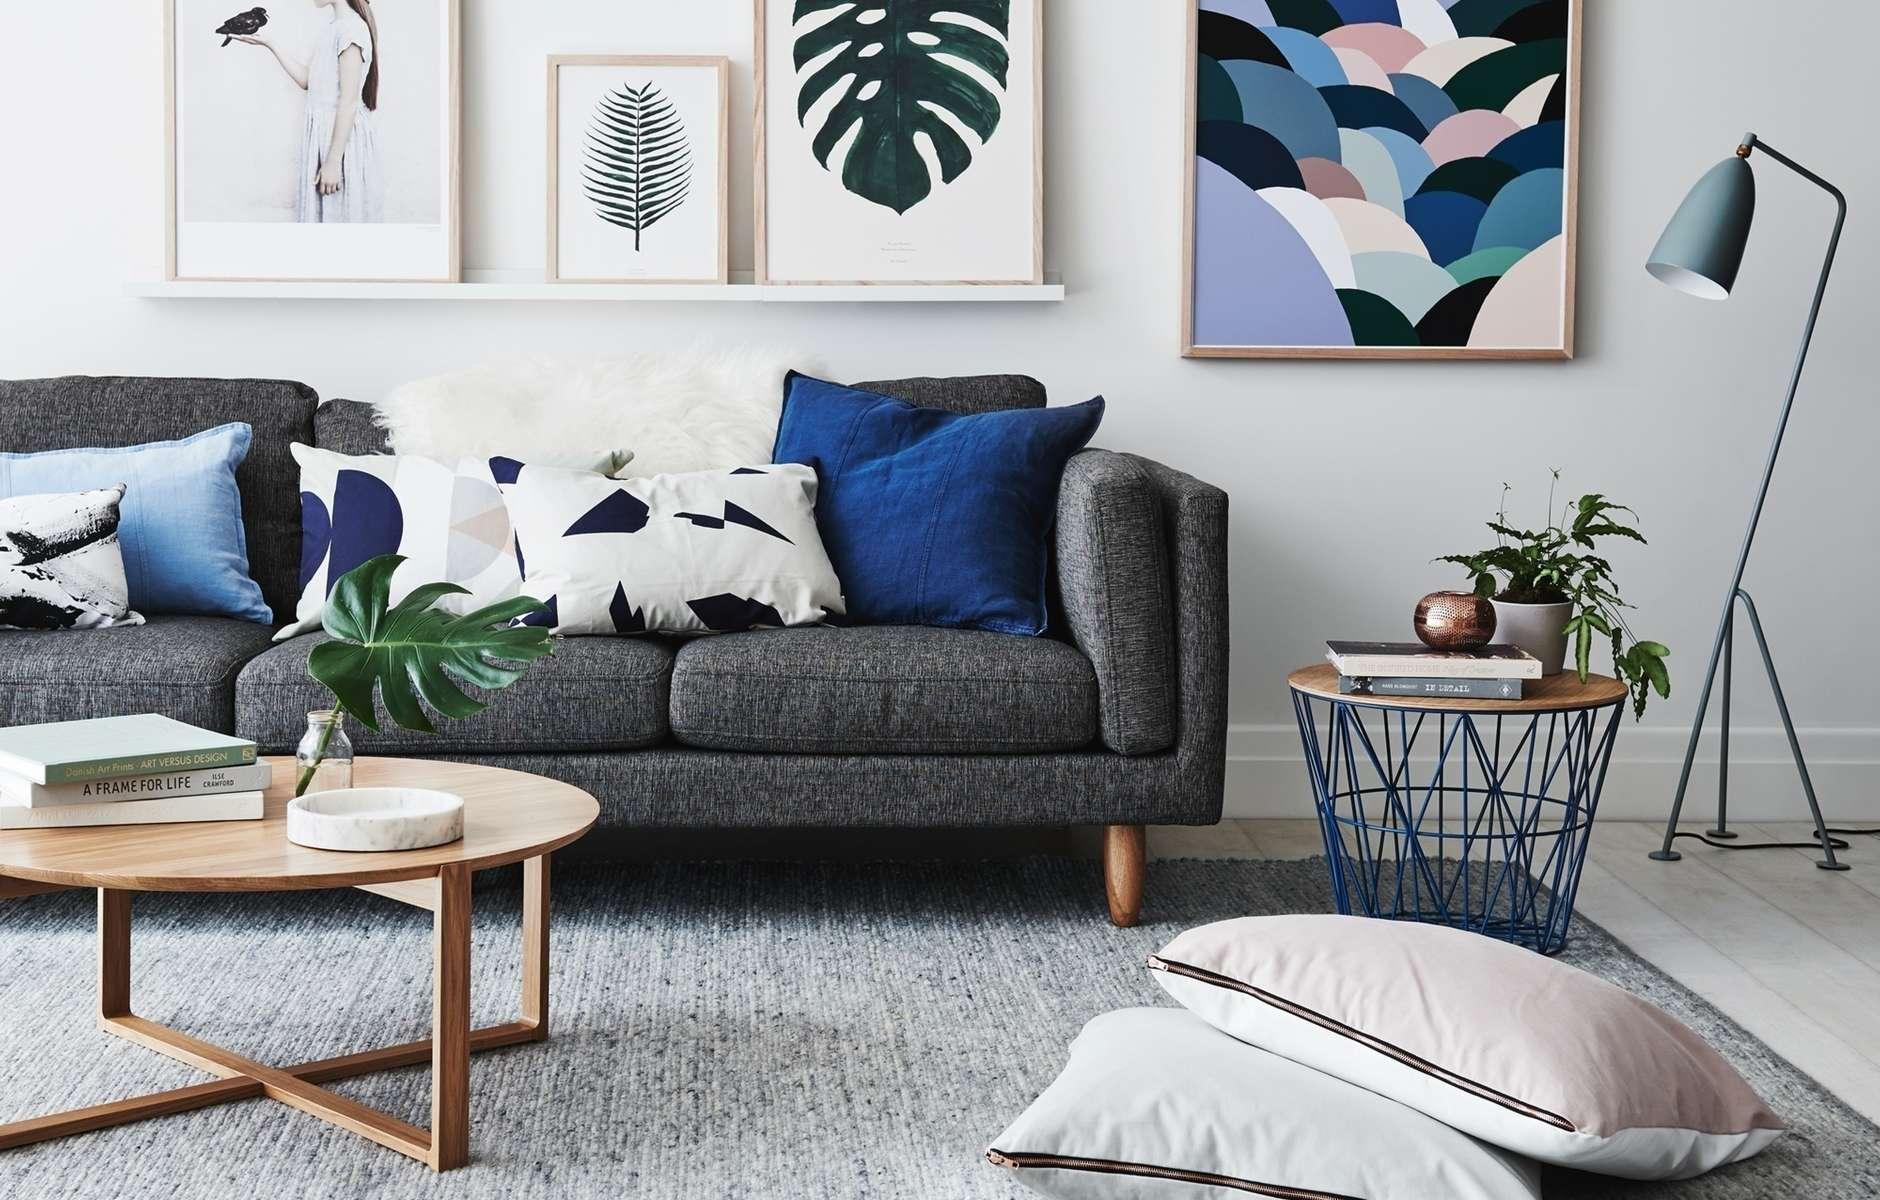 Постеры для интерьера в скандинавском стиле фото